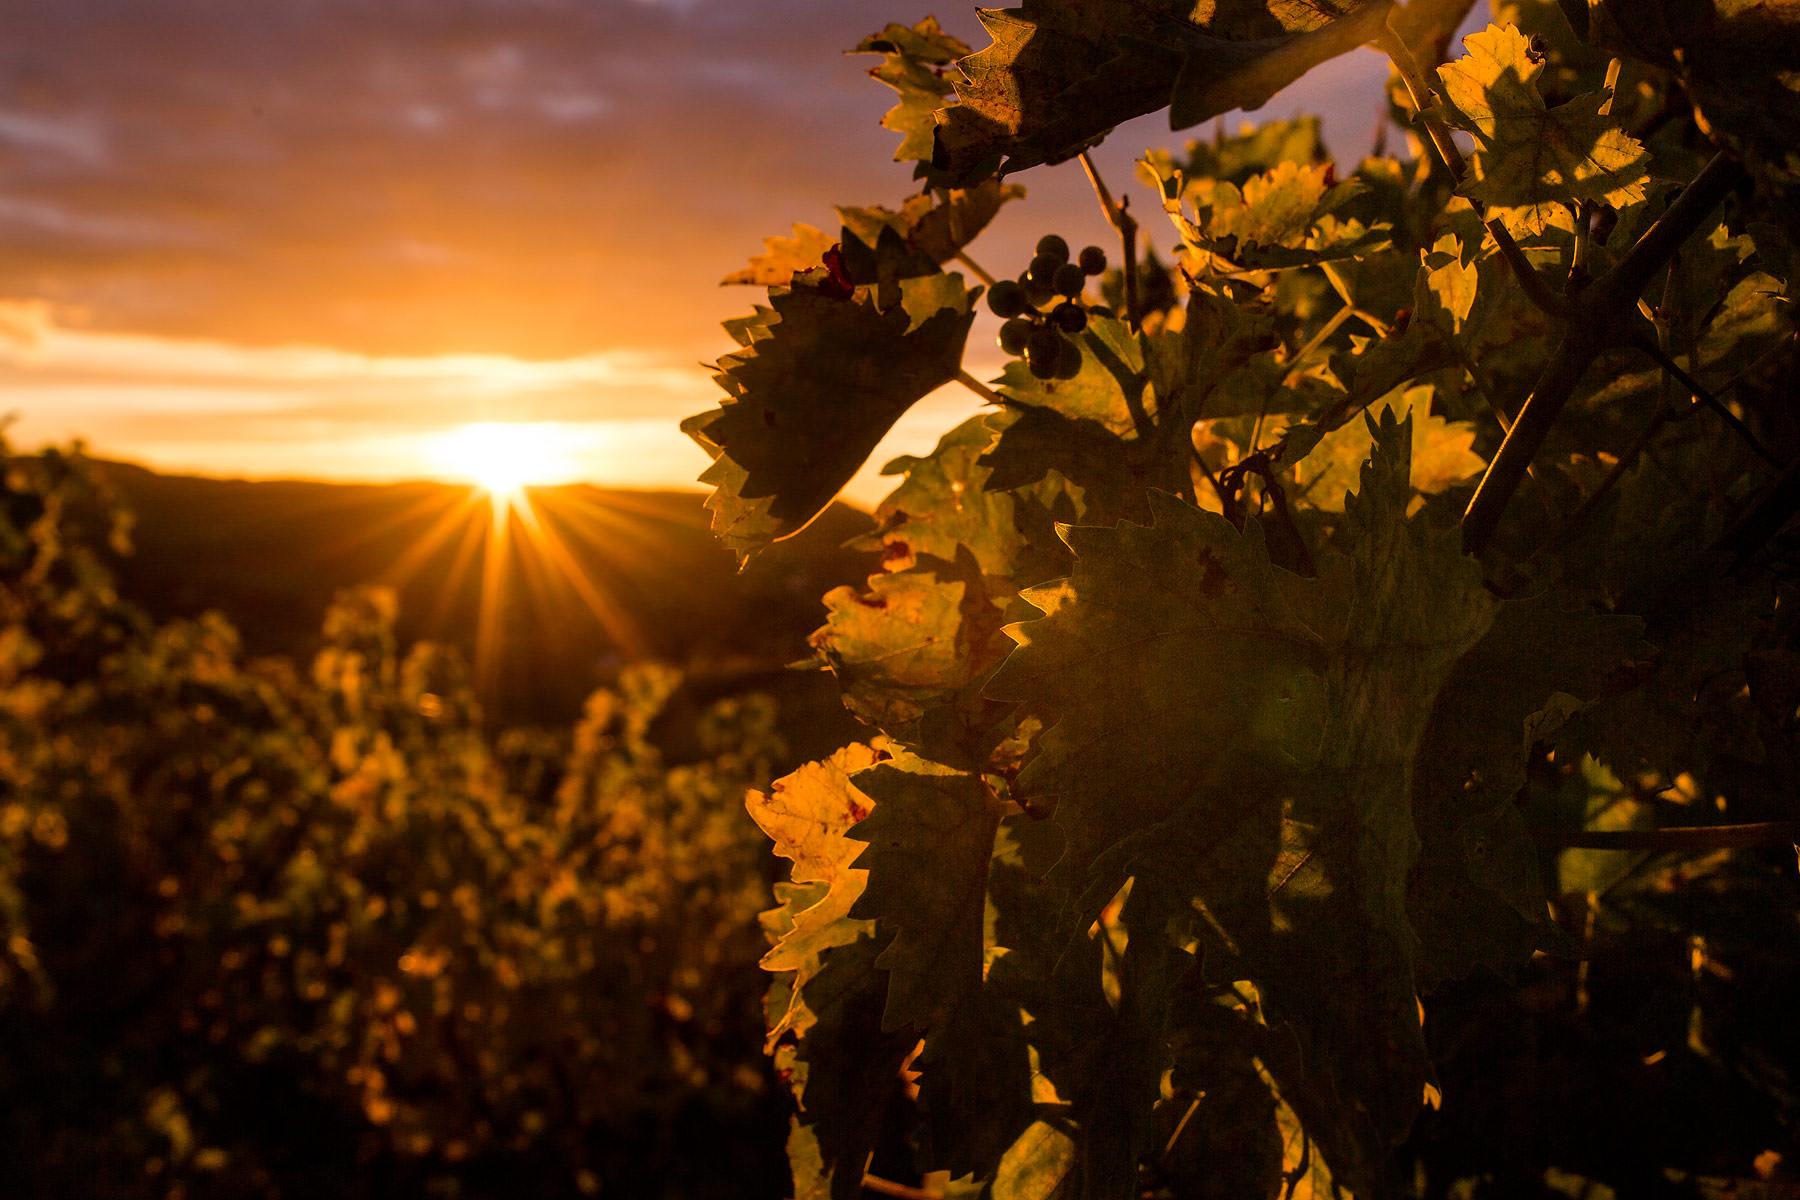 Sonnenaufgang - so machst du schönere Bilder